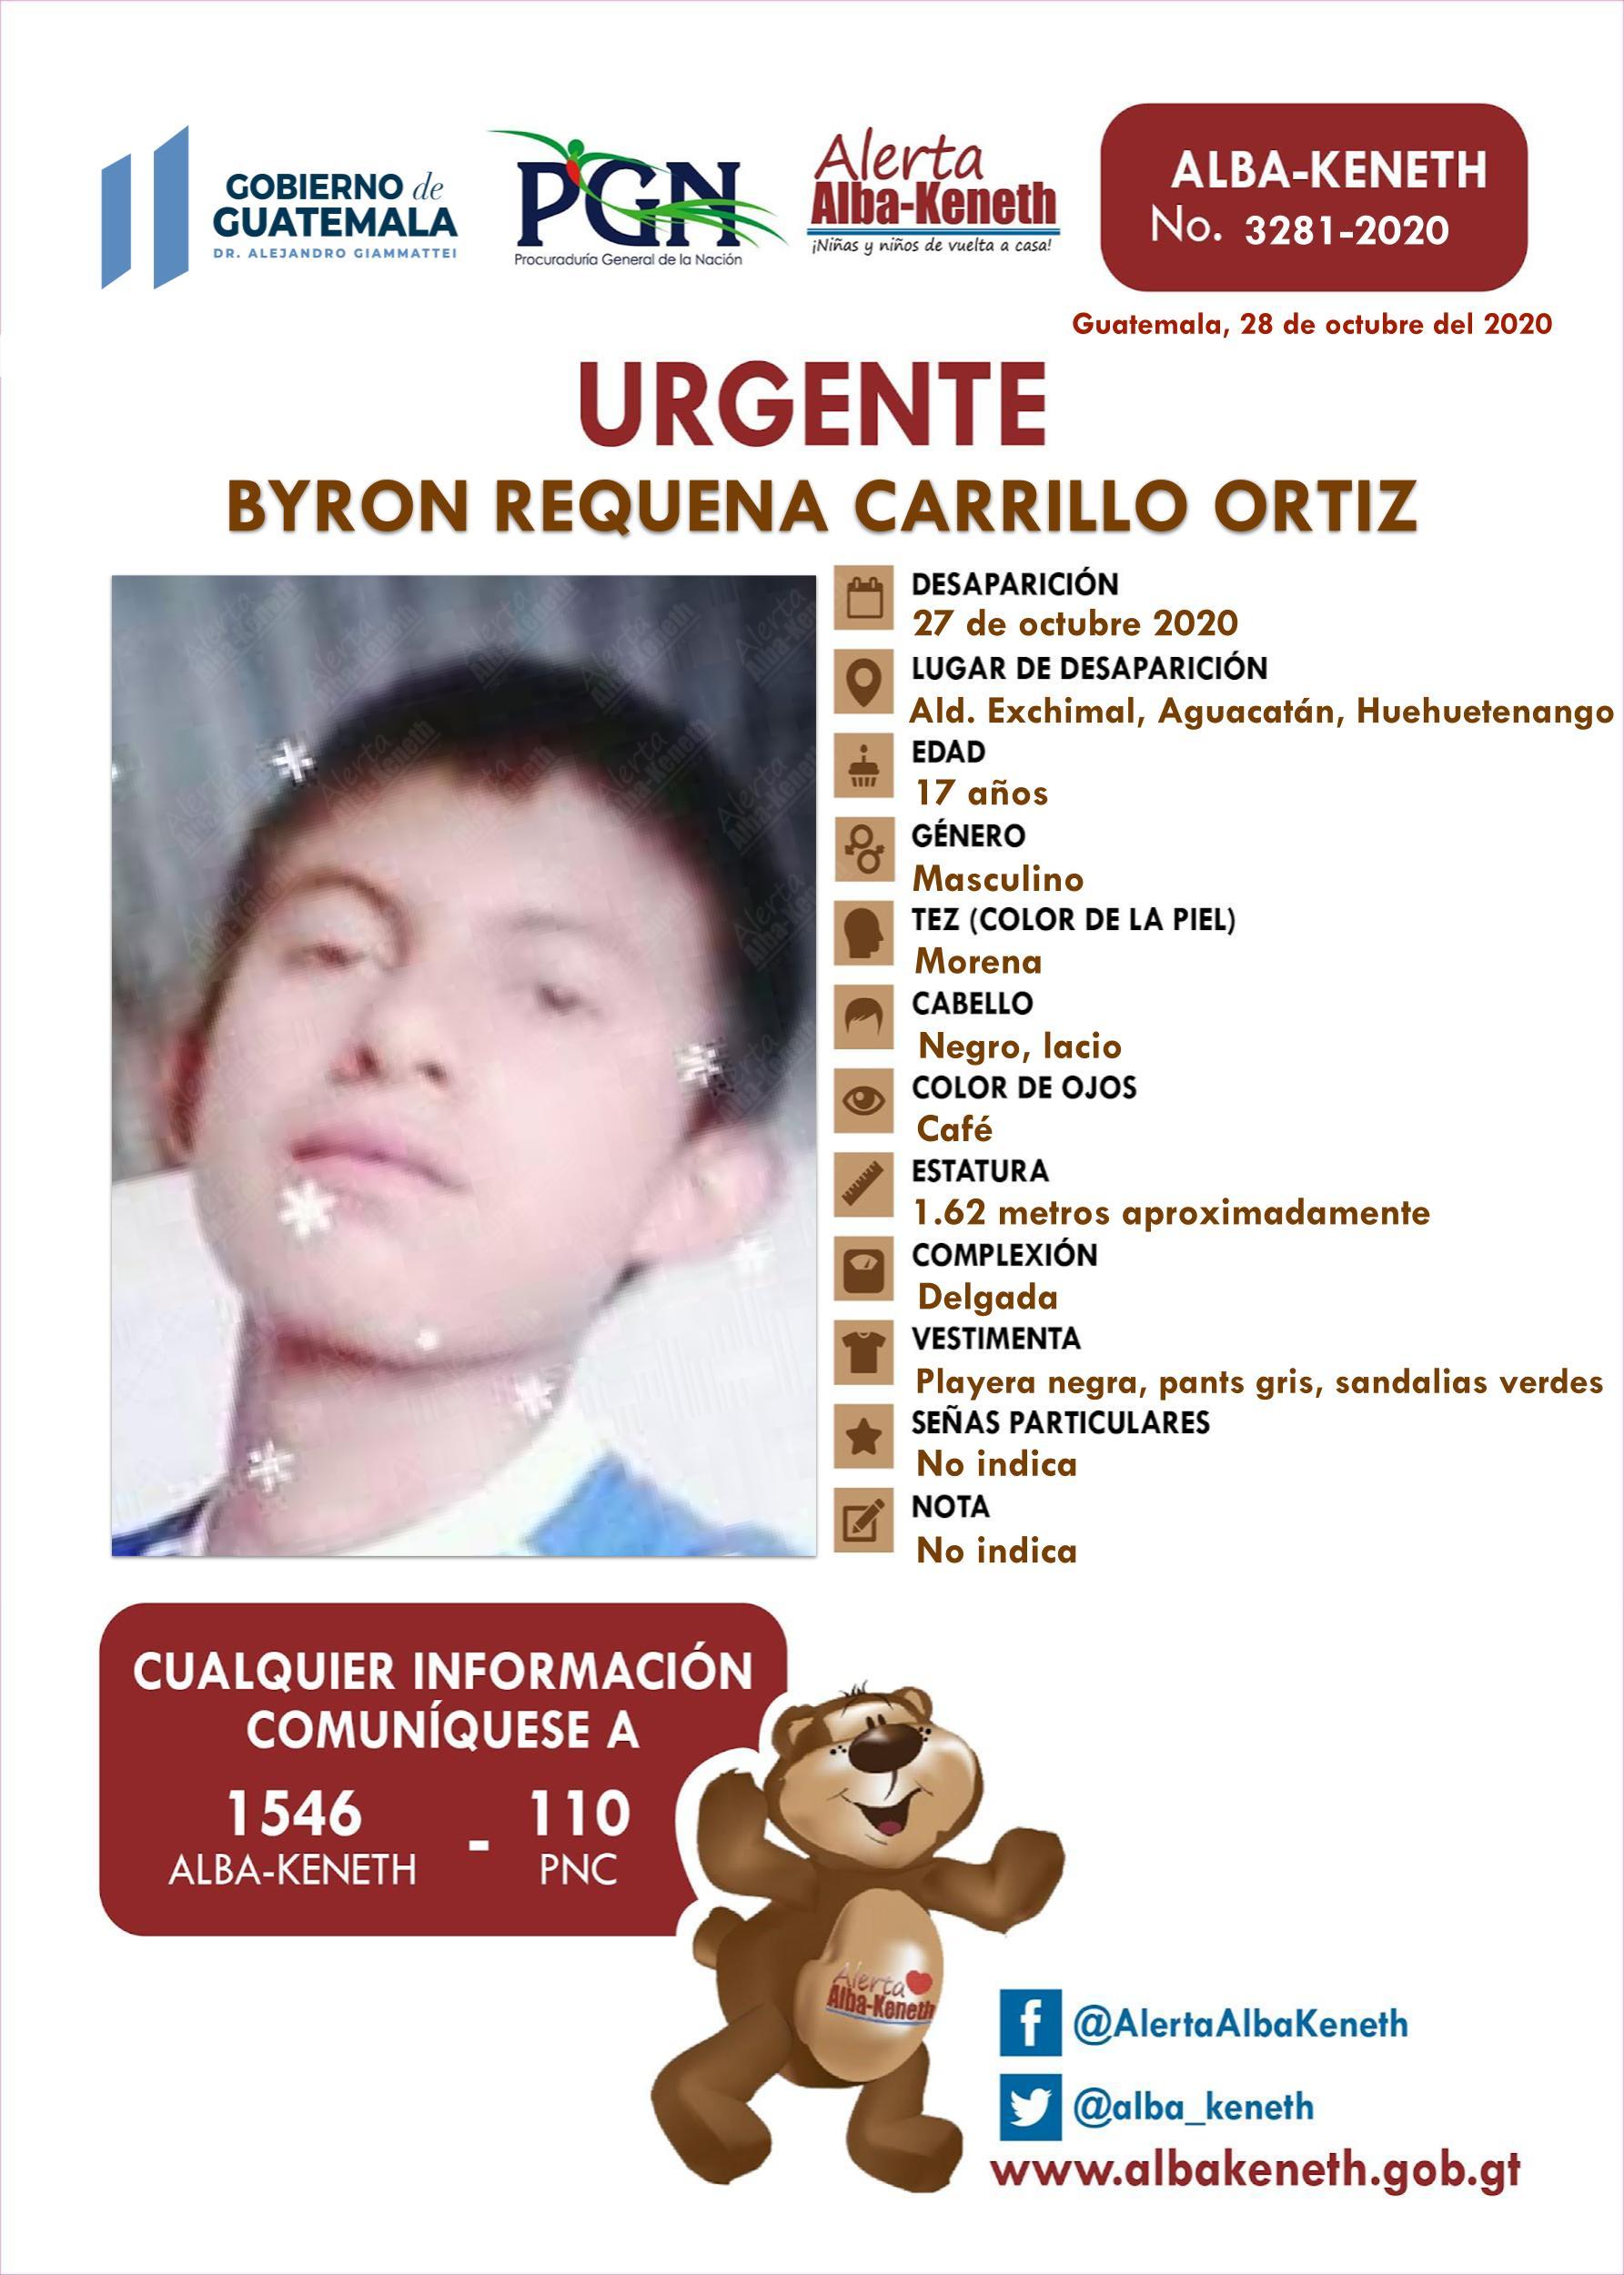 Byron Requena Carrillo Ortiz